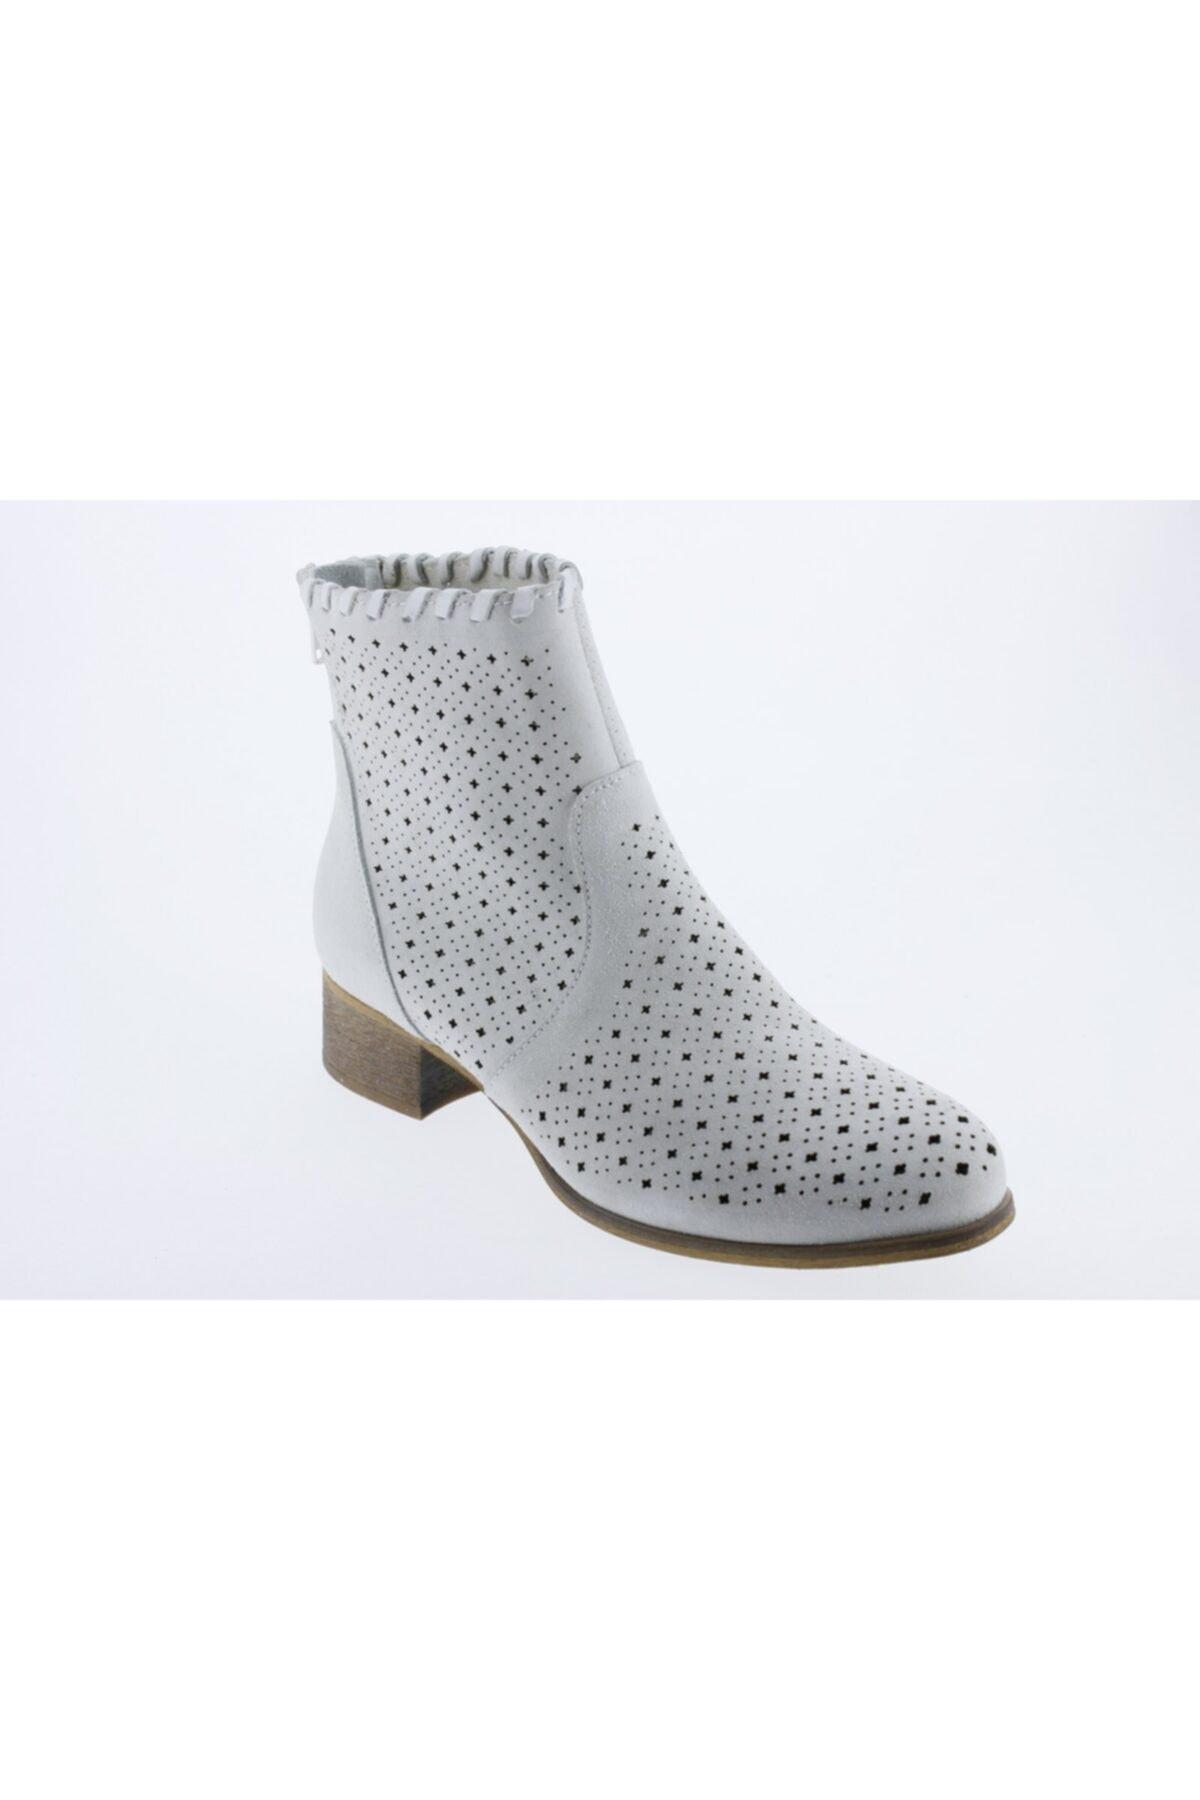 Venüs 1810617y Bayan Ayakkabı Ücretsiz Kargo 1